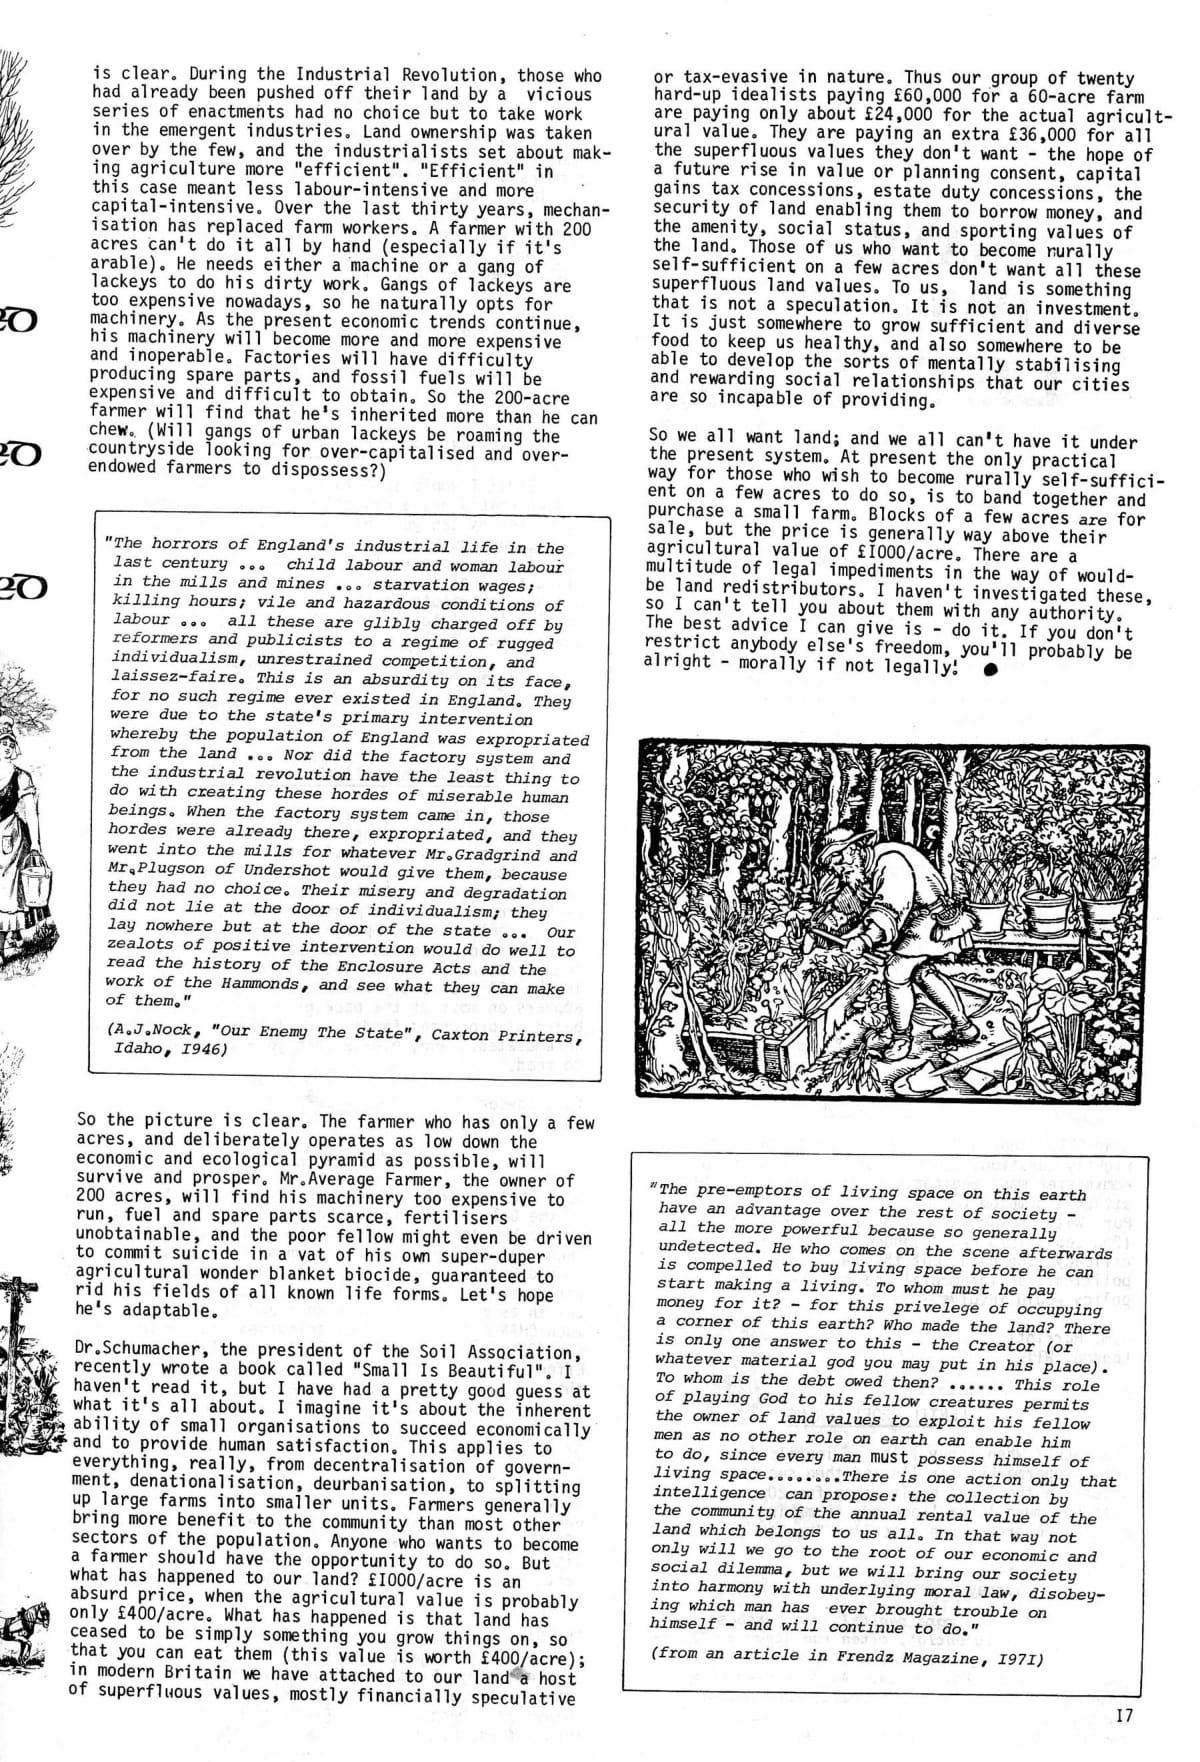 seed-v3-n2-feb1974-17.jpg